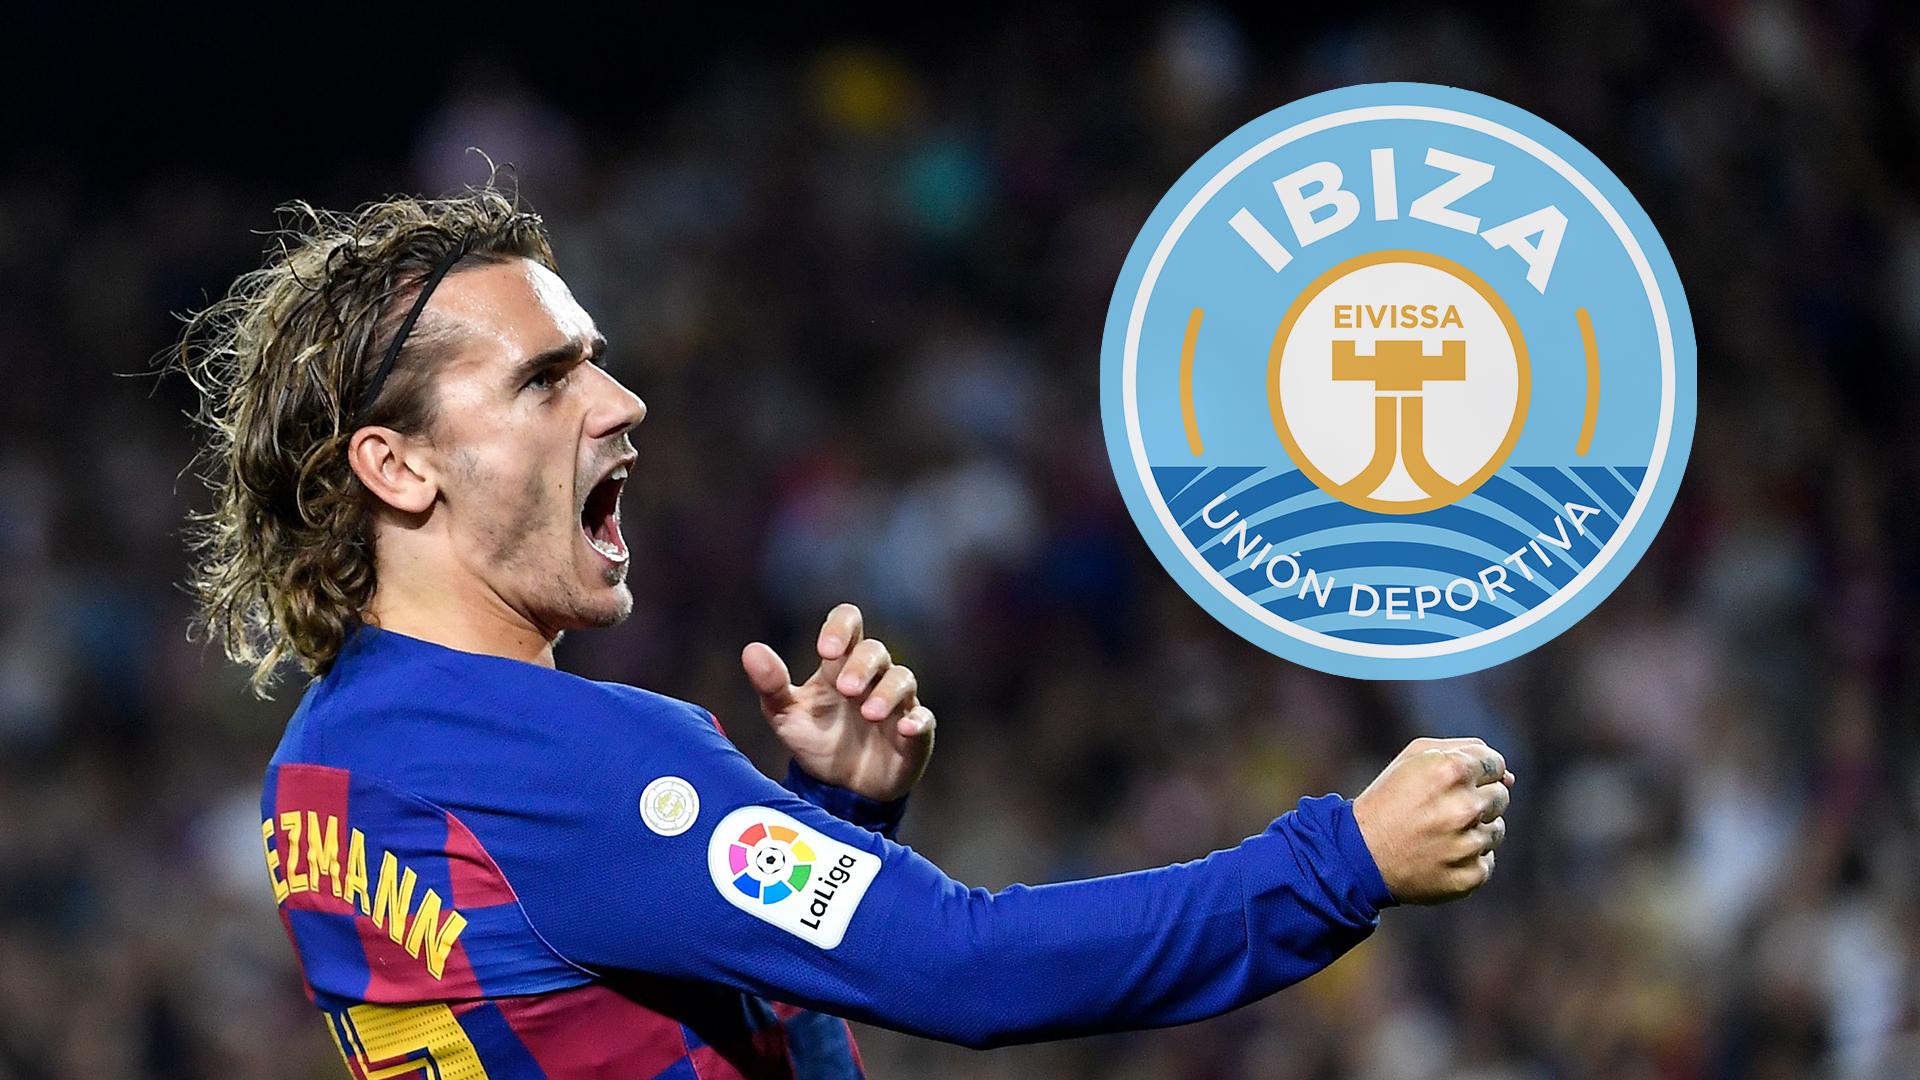 Sun, sea, sex - and football? Barcelona face UD Ibiza ...